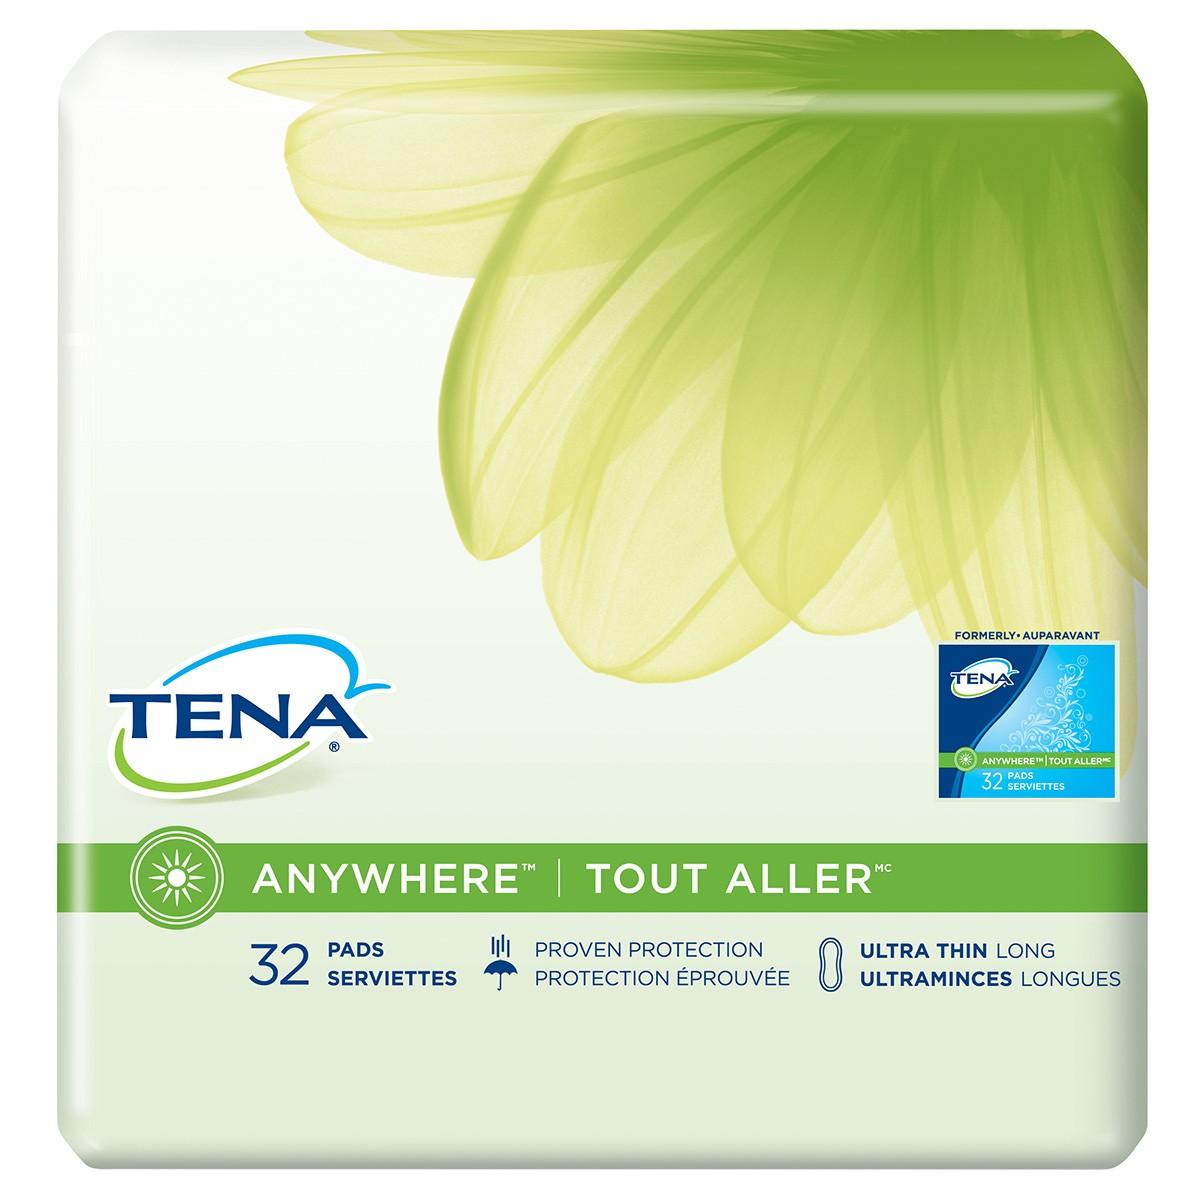 TENA® Anywhere™ Ultra Thin Pads - Regular